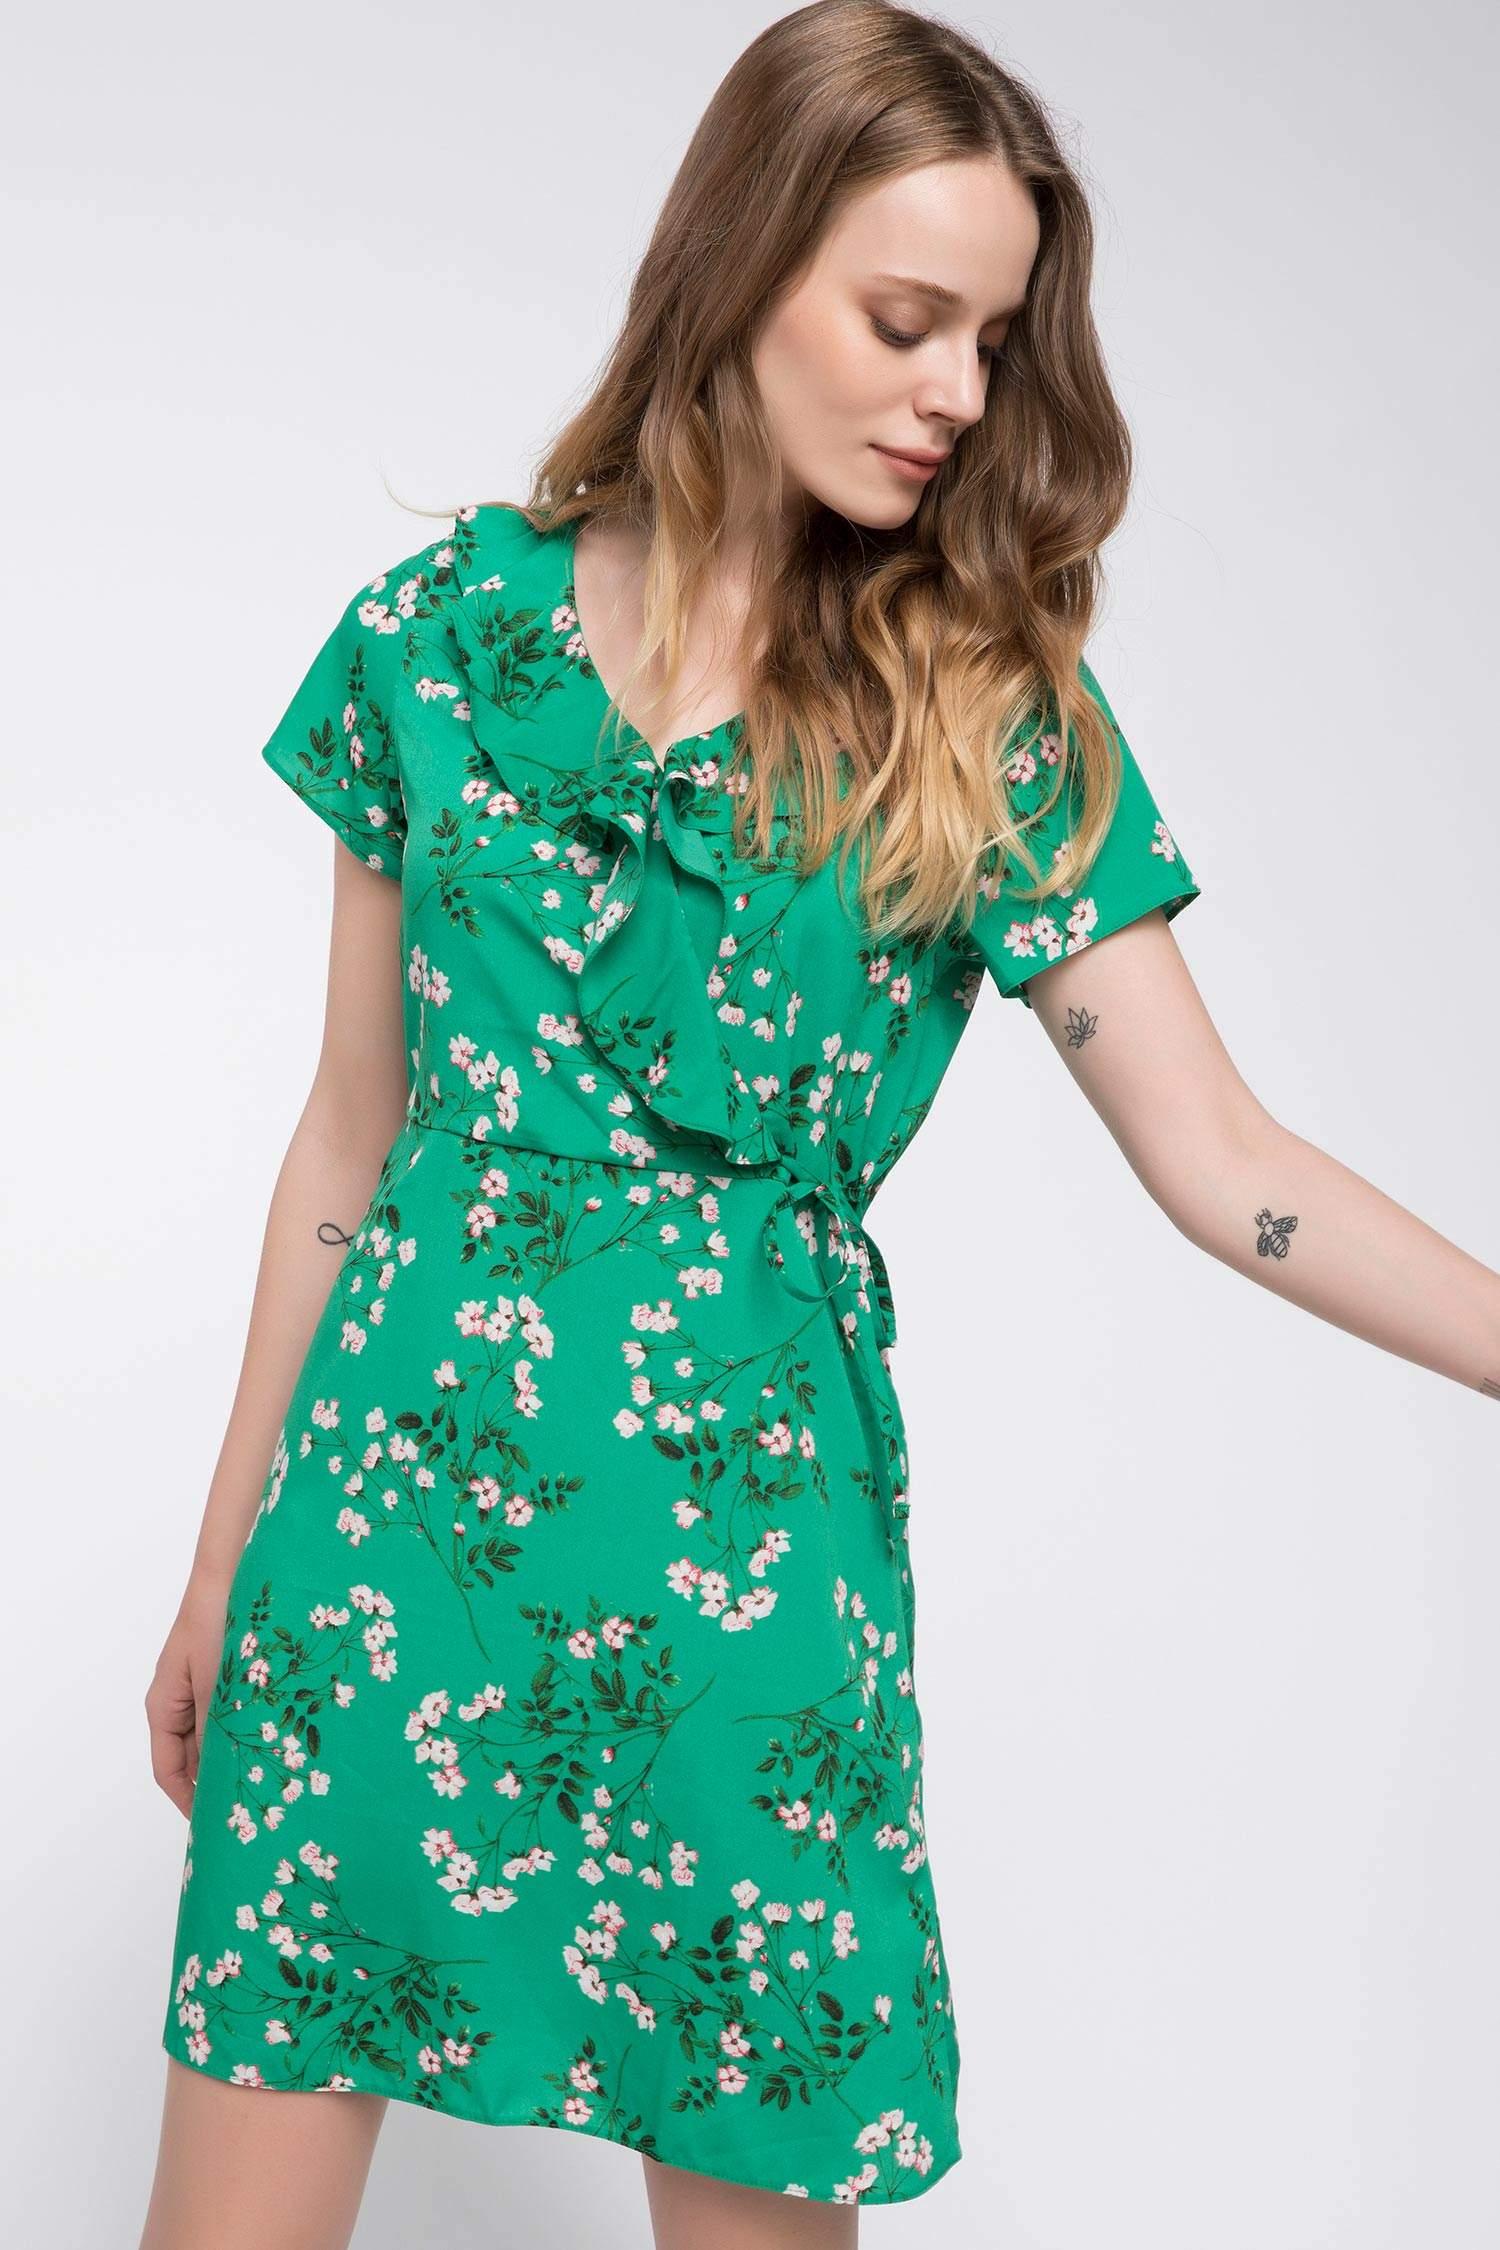 abcc83ac39942 Yeşil Kadın Çiçek Desenli Elbise 857449   DeFacto